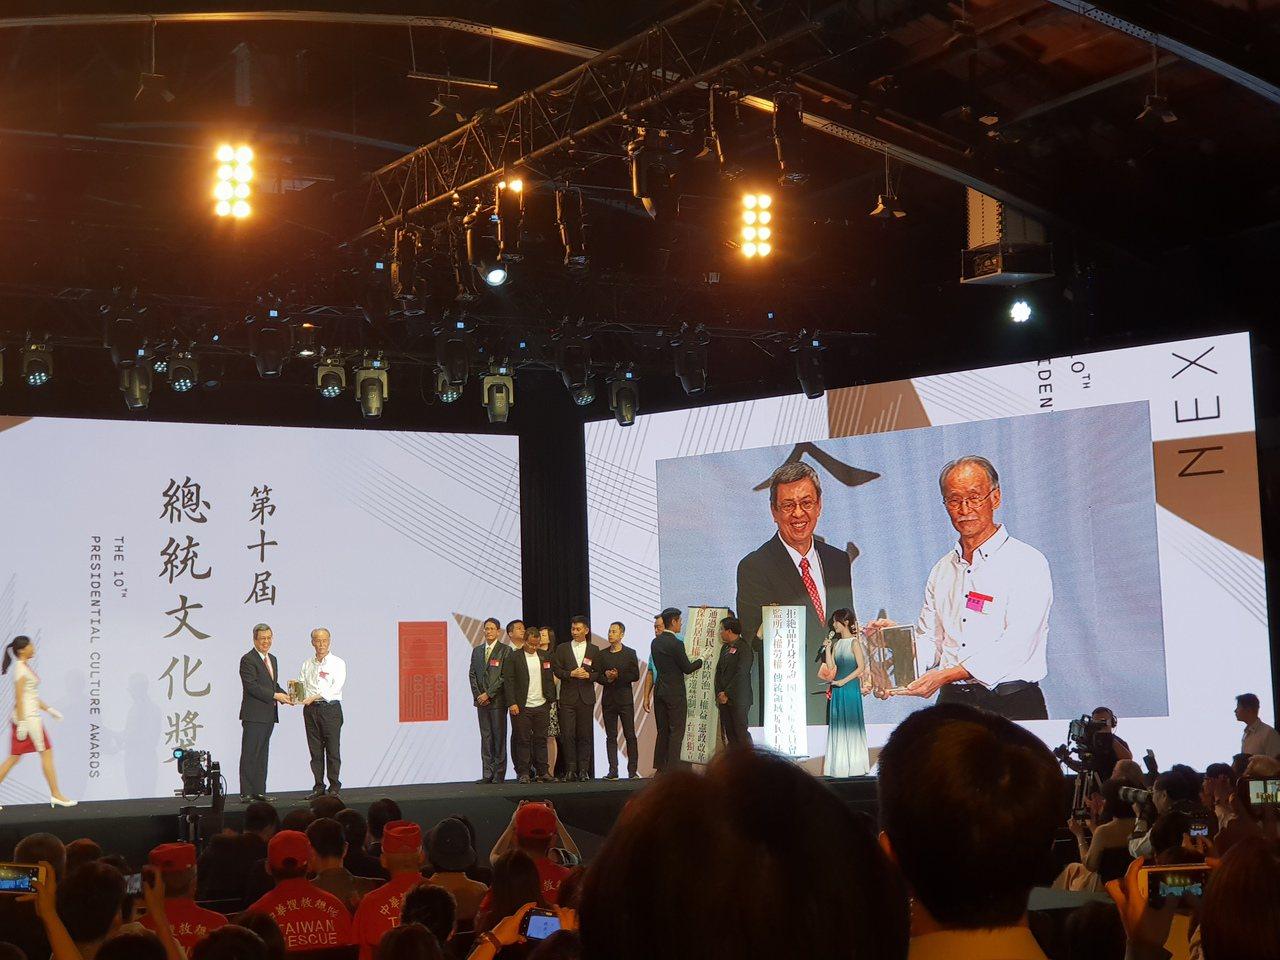 第十屆總統文化獎舉行頒獎典禮。記者陳宛茜/攝影